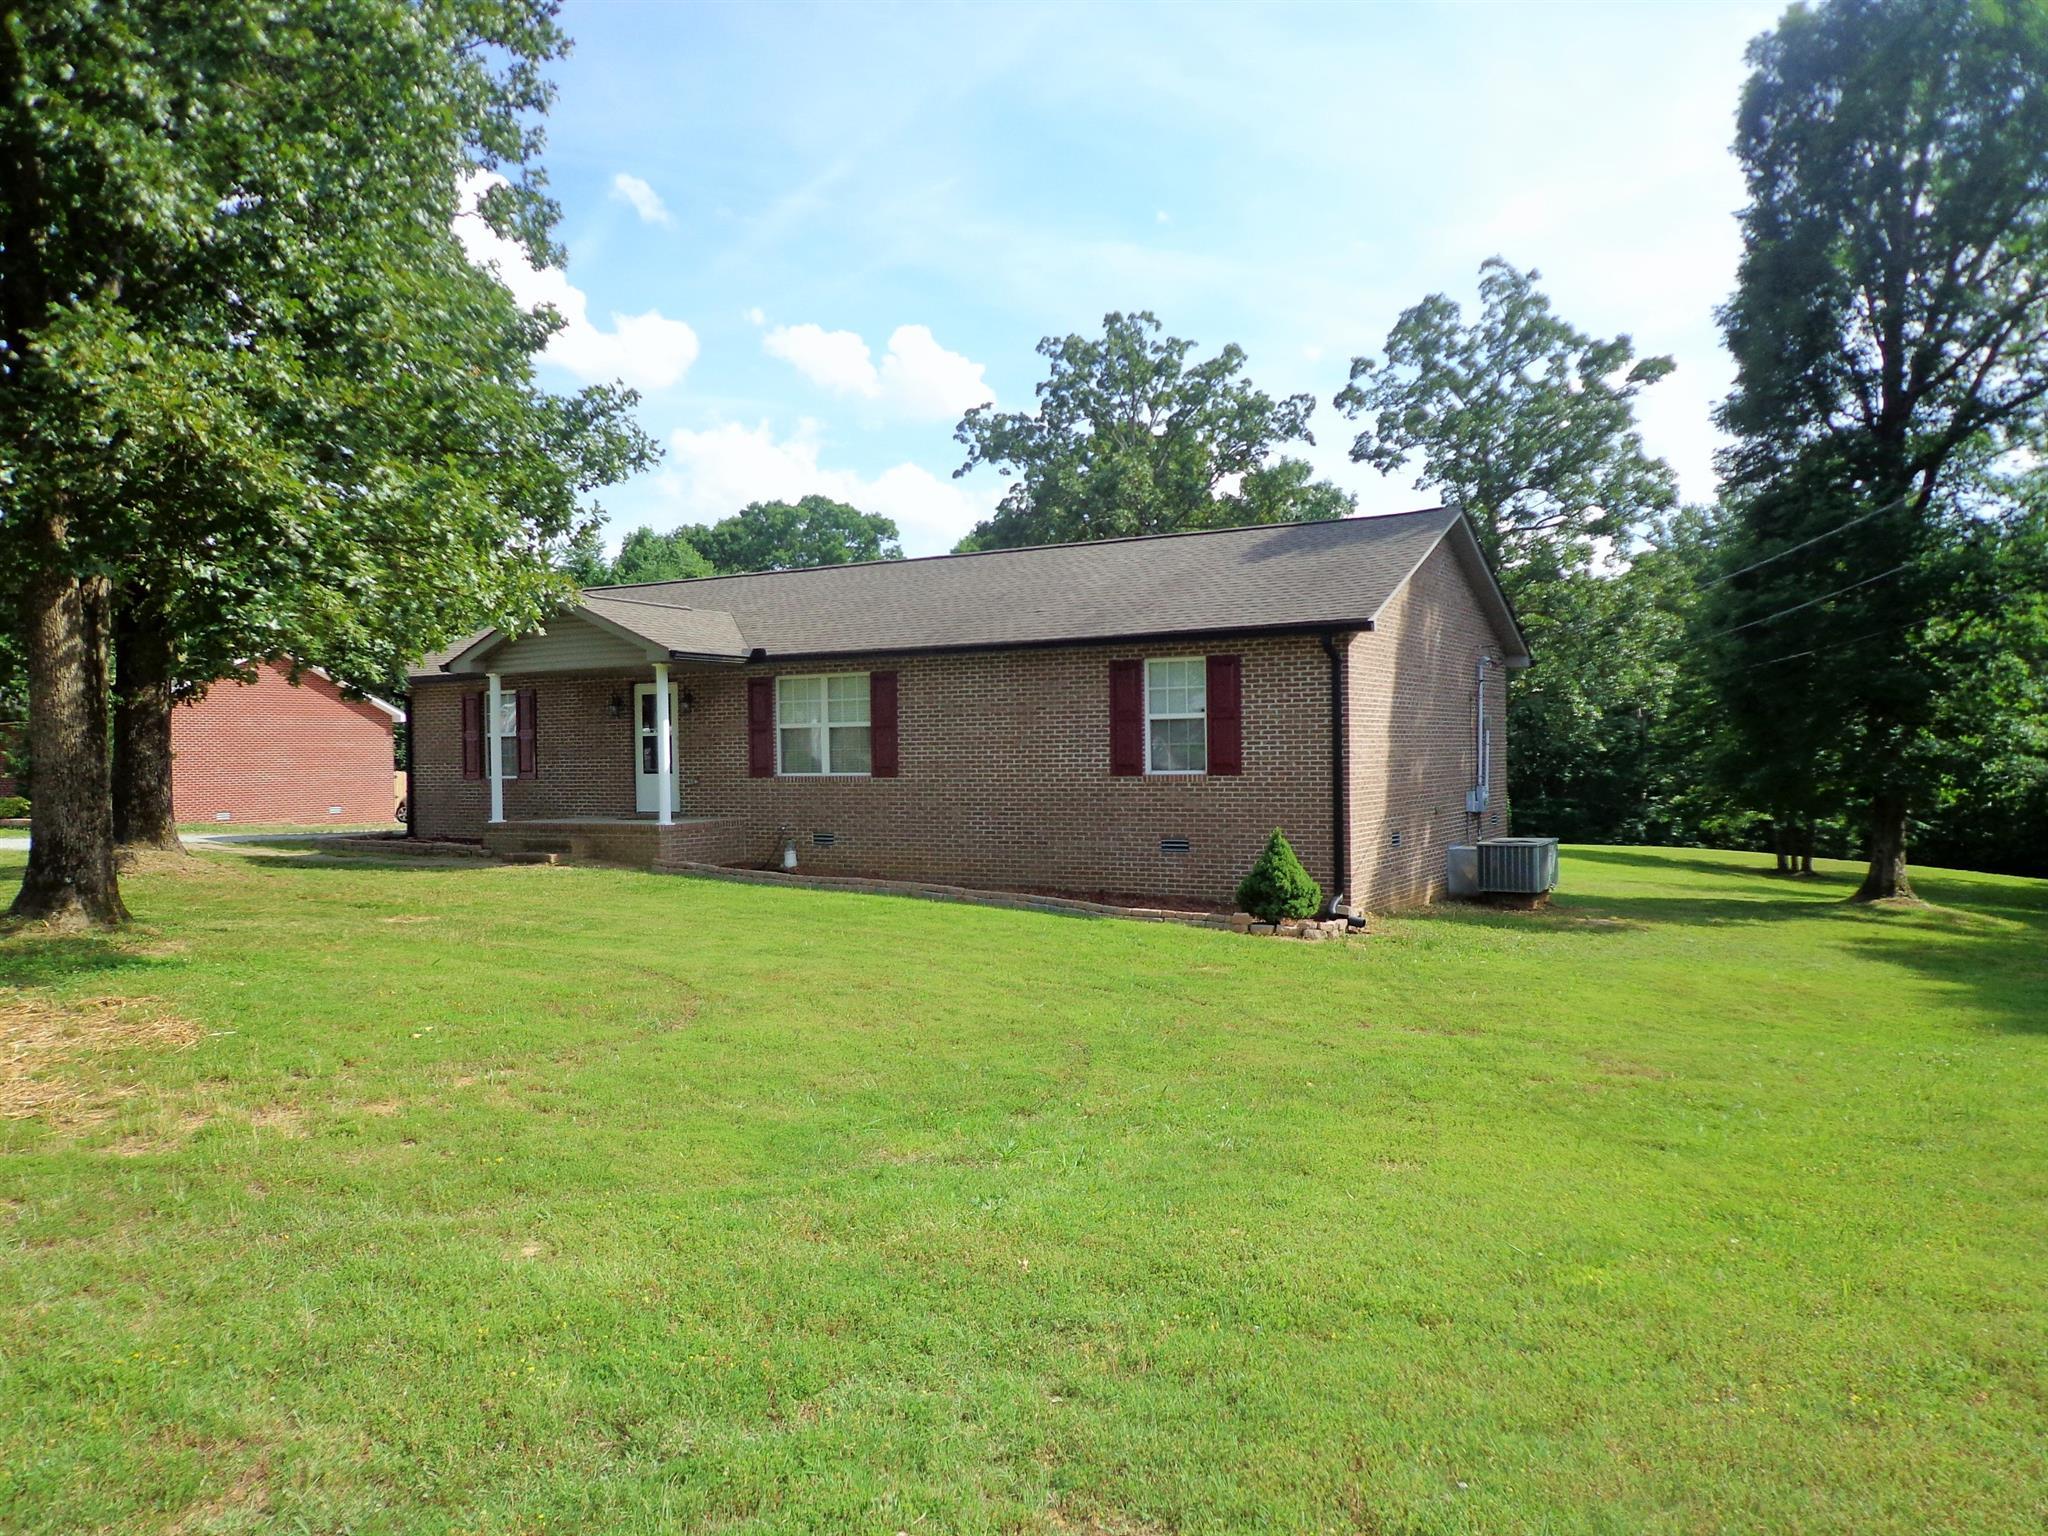 448 River Oaks Dr New Johnsonville, TN 37134